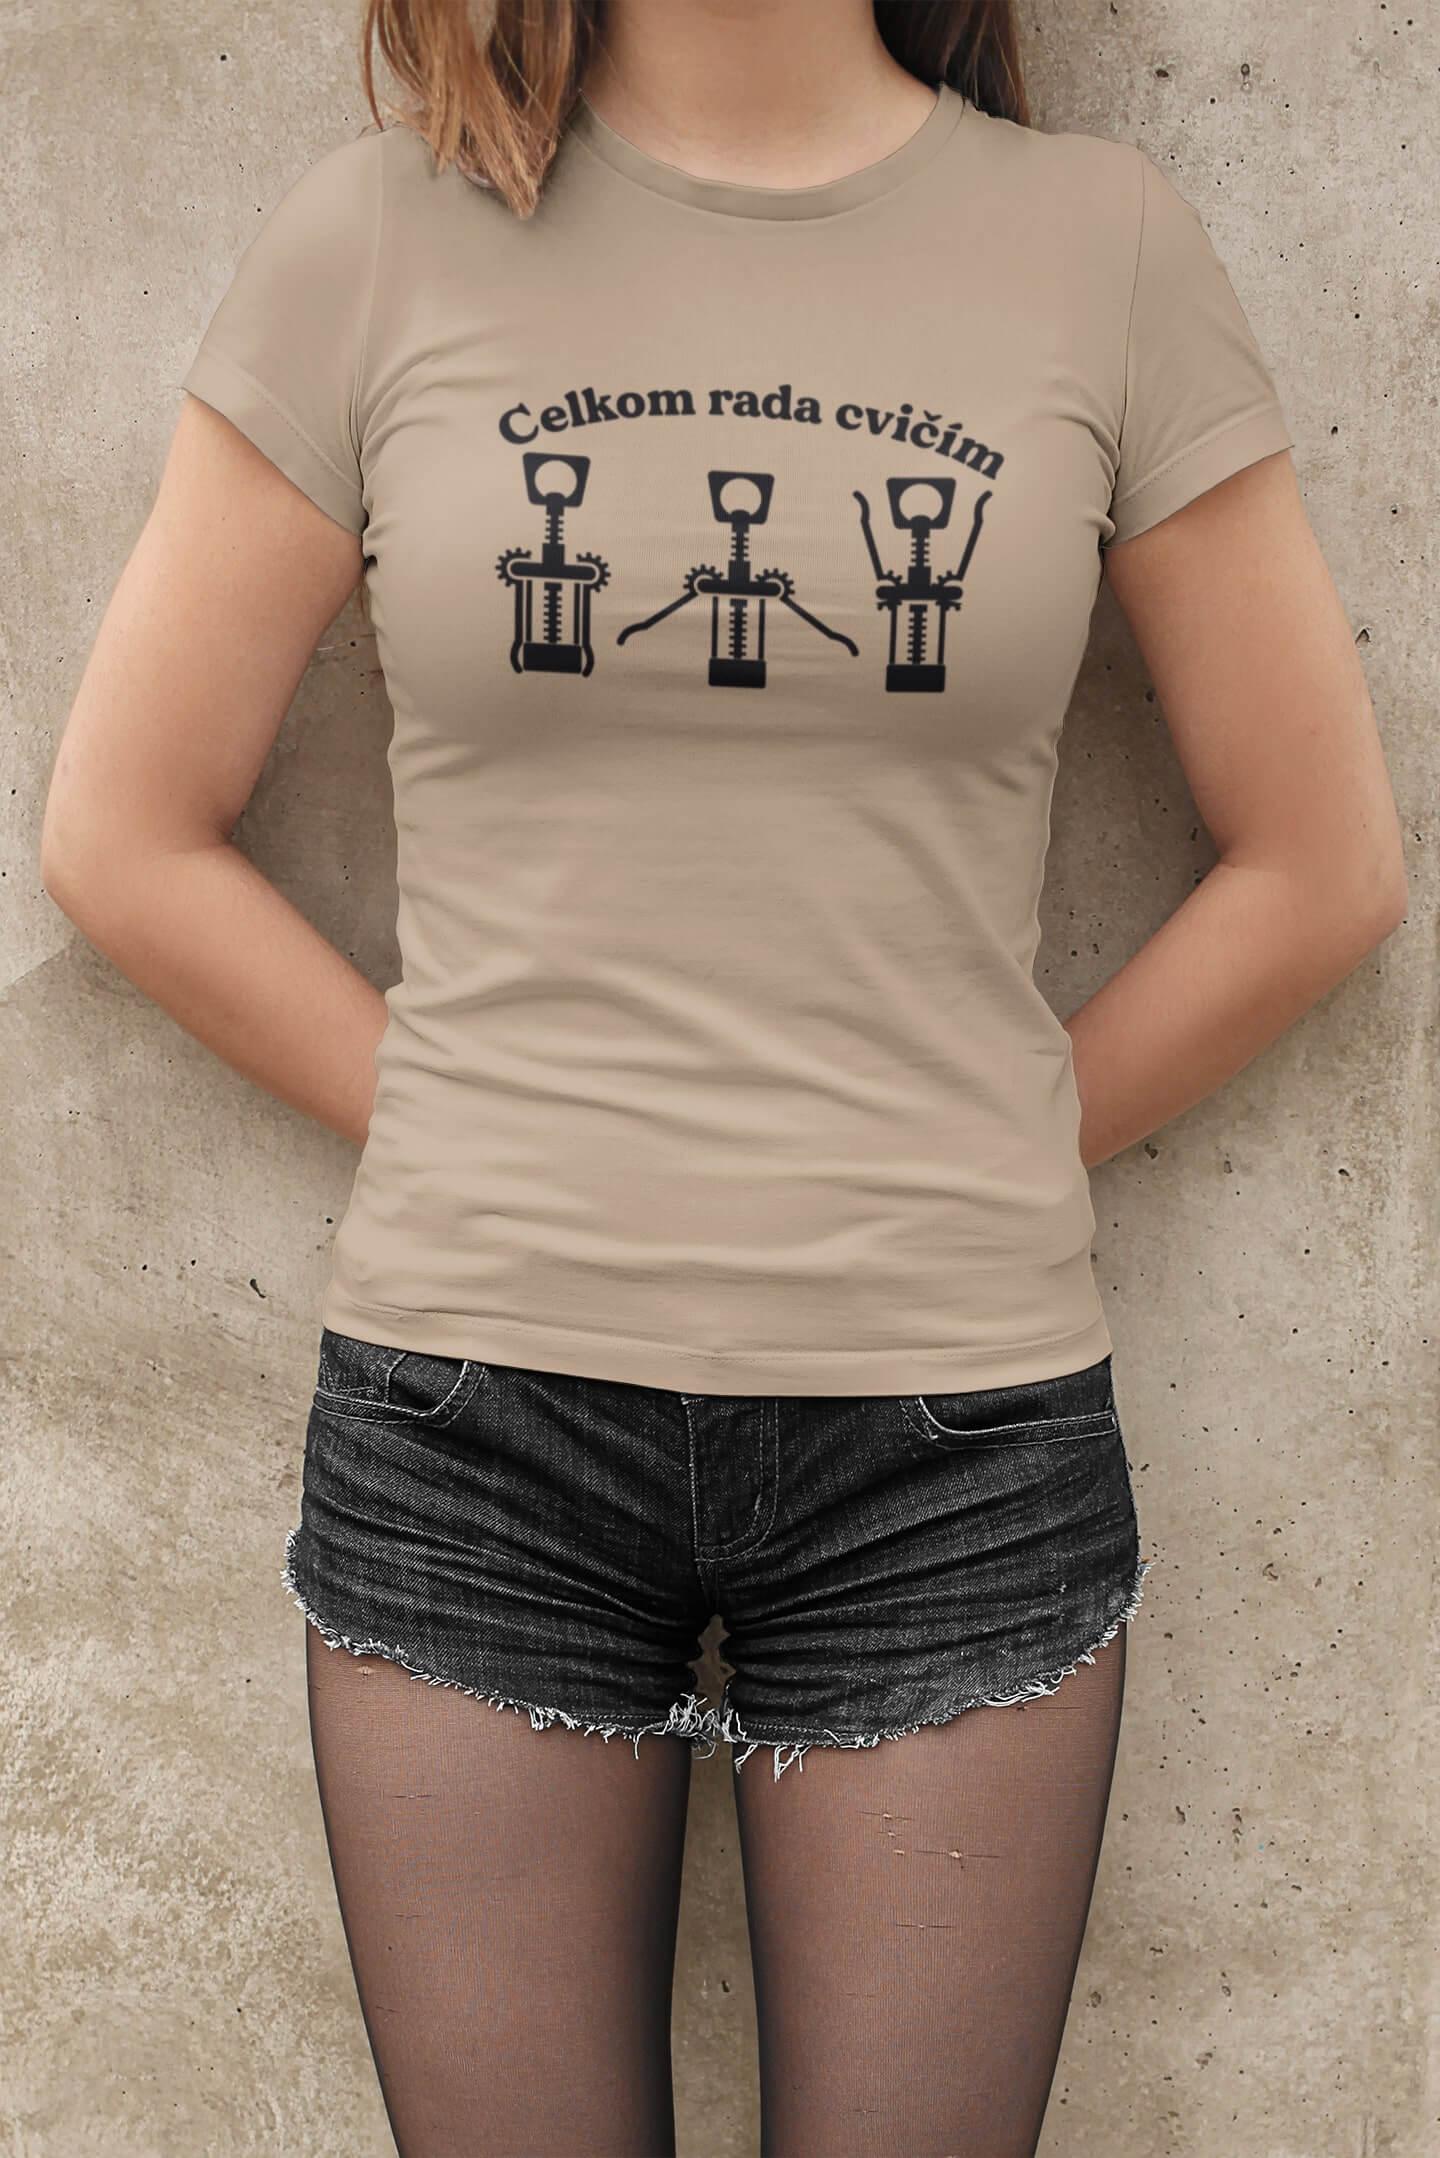 MMO Dámske tričko Celkom rada cvičím Vyberte farbu: Piesková, Vyberte veľkosť: XS